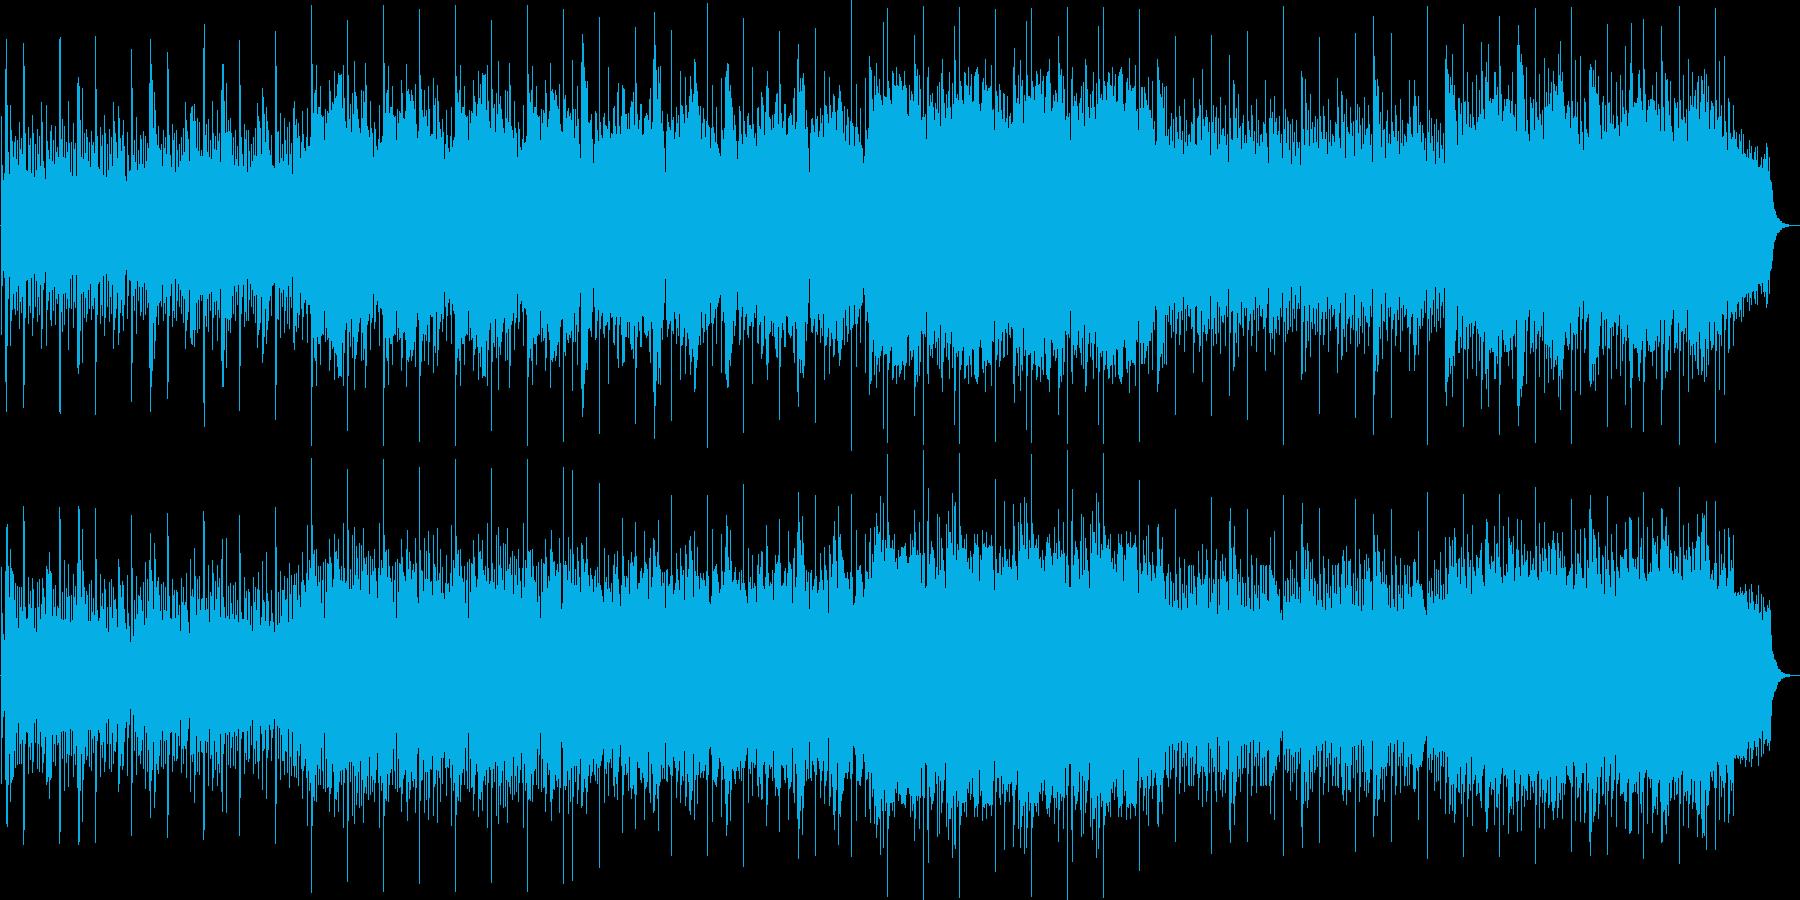 和風で幻想的なリラックスできる曲の再生済みの波形